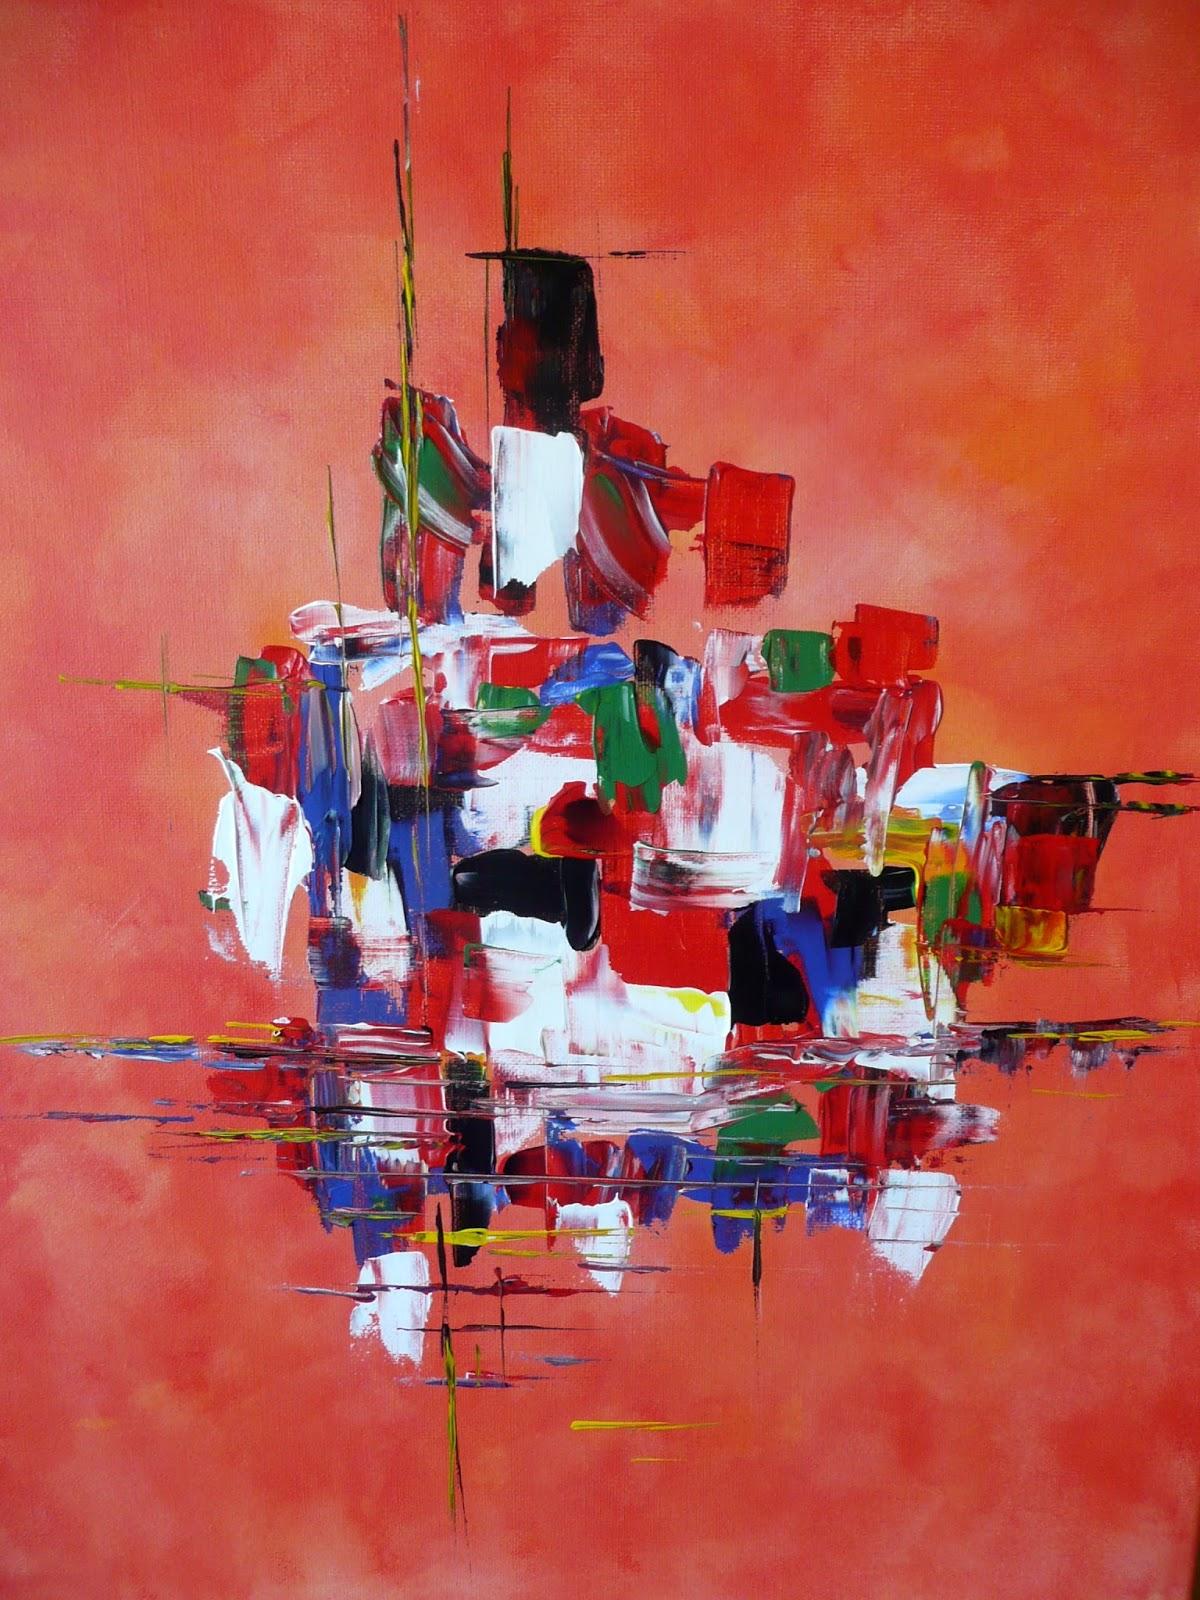 Nicole catt artiste peintre peinture acrylique moderne et abstraite for Peinture acrylique sur toile moderne